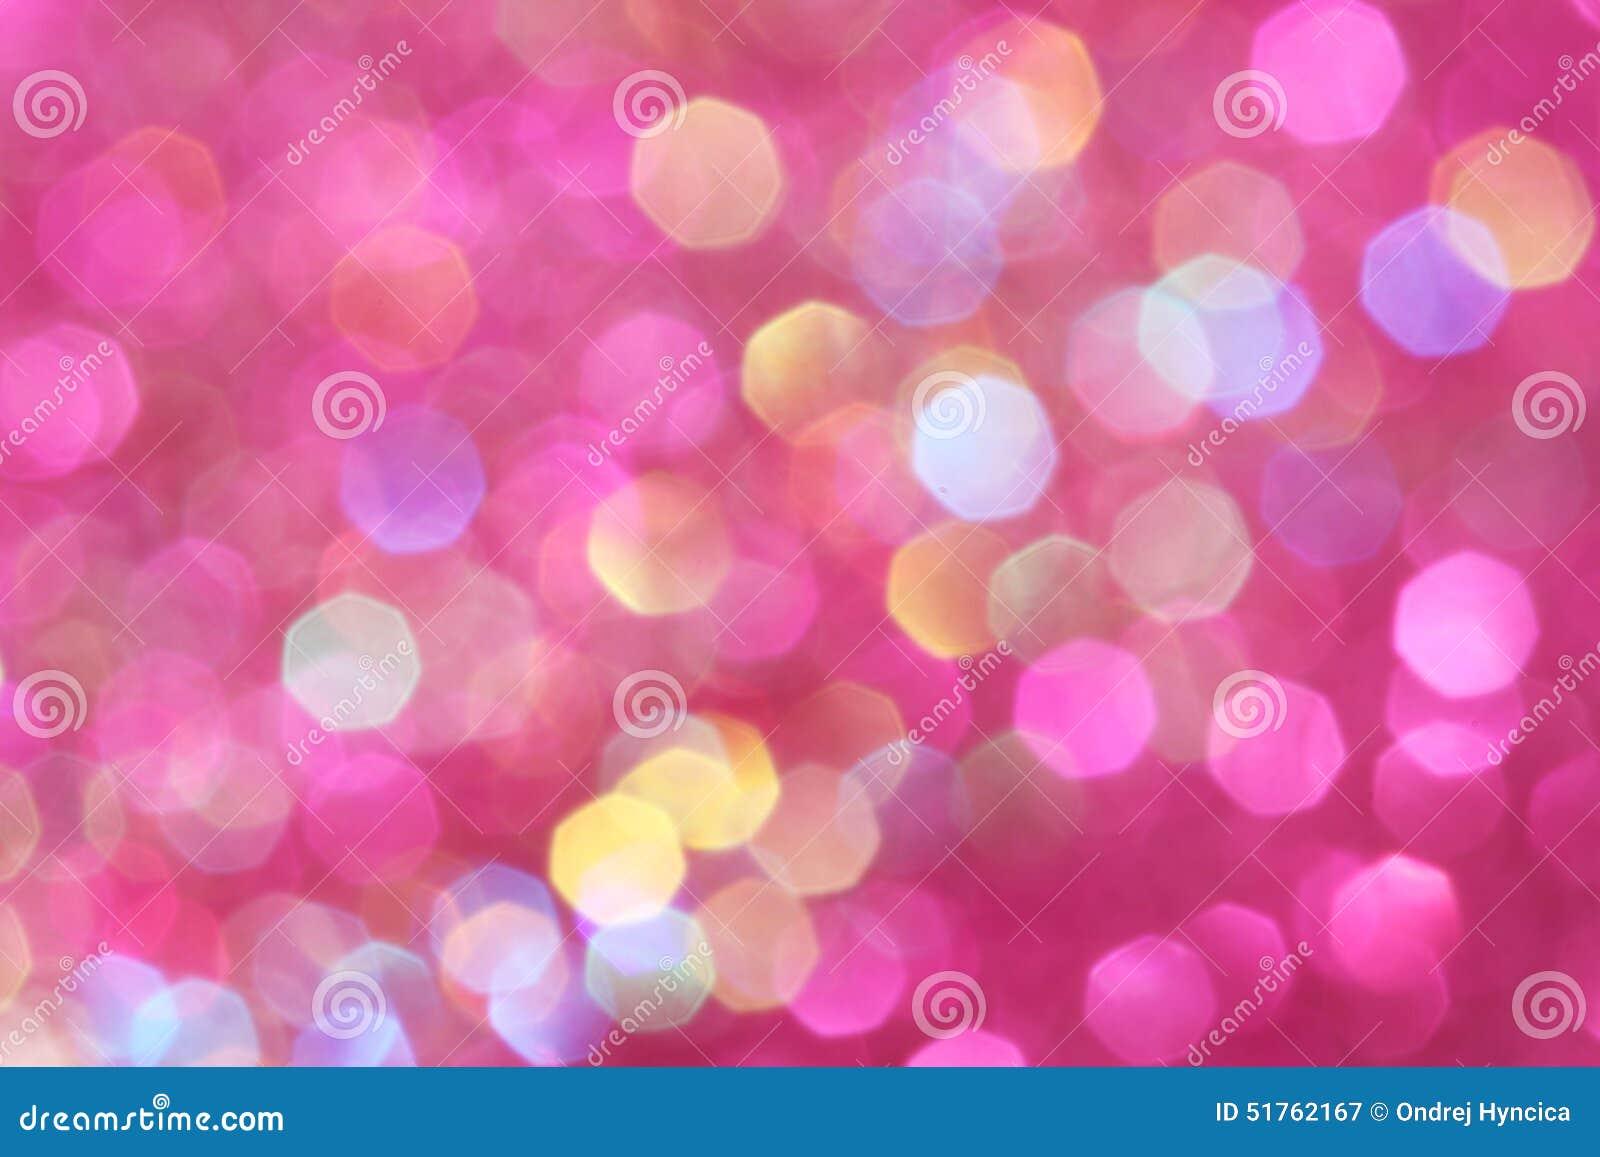 Le luci morbide rosa, porpora, bianche, gialle e del turchese sottraggono il fondo